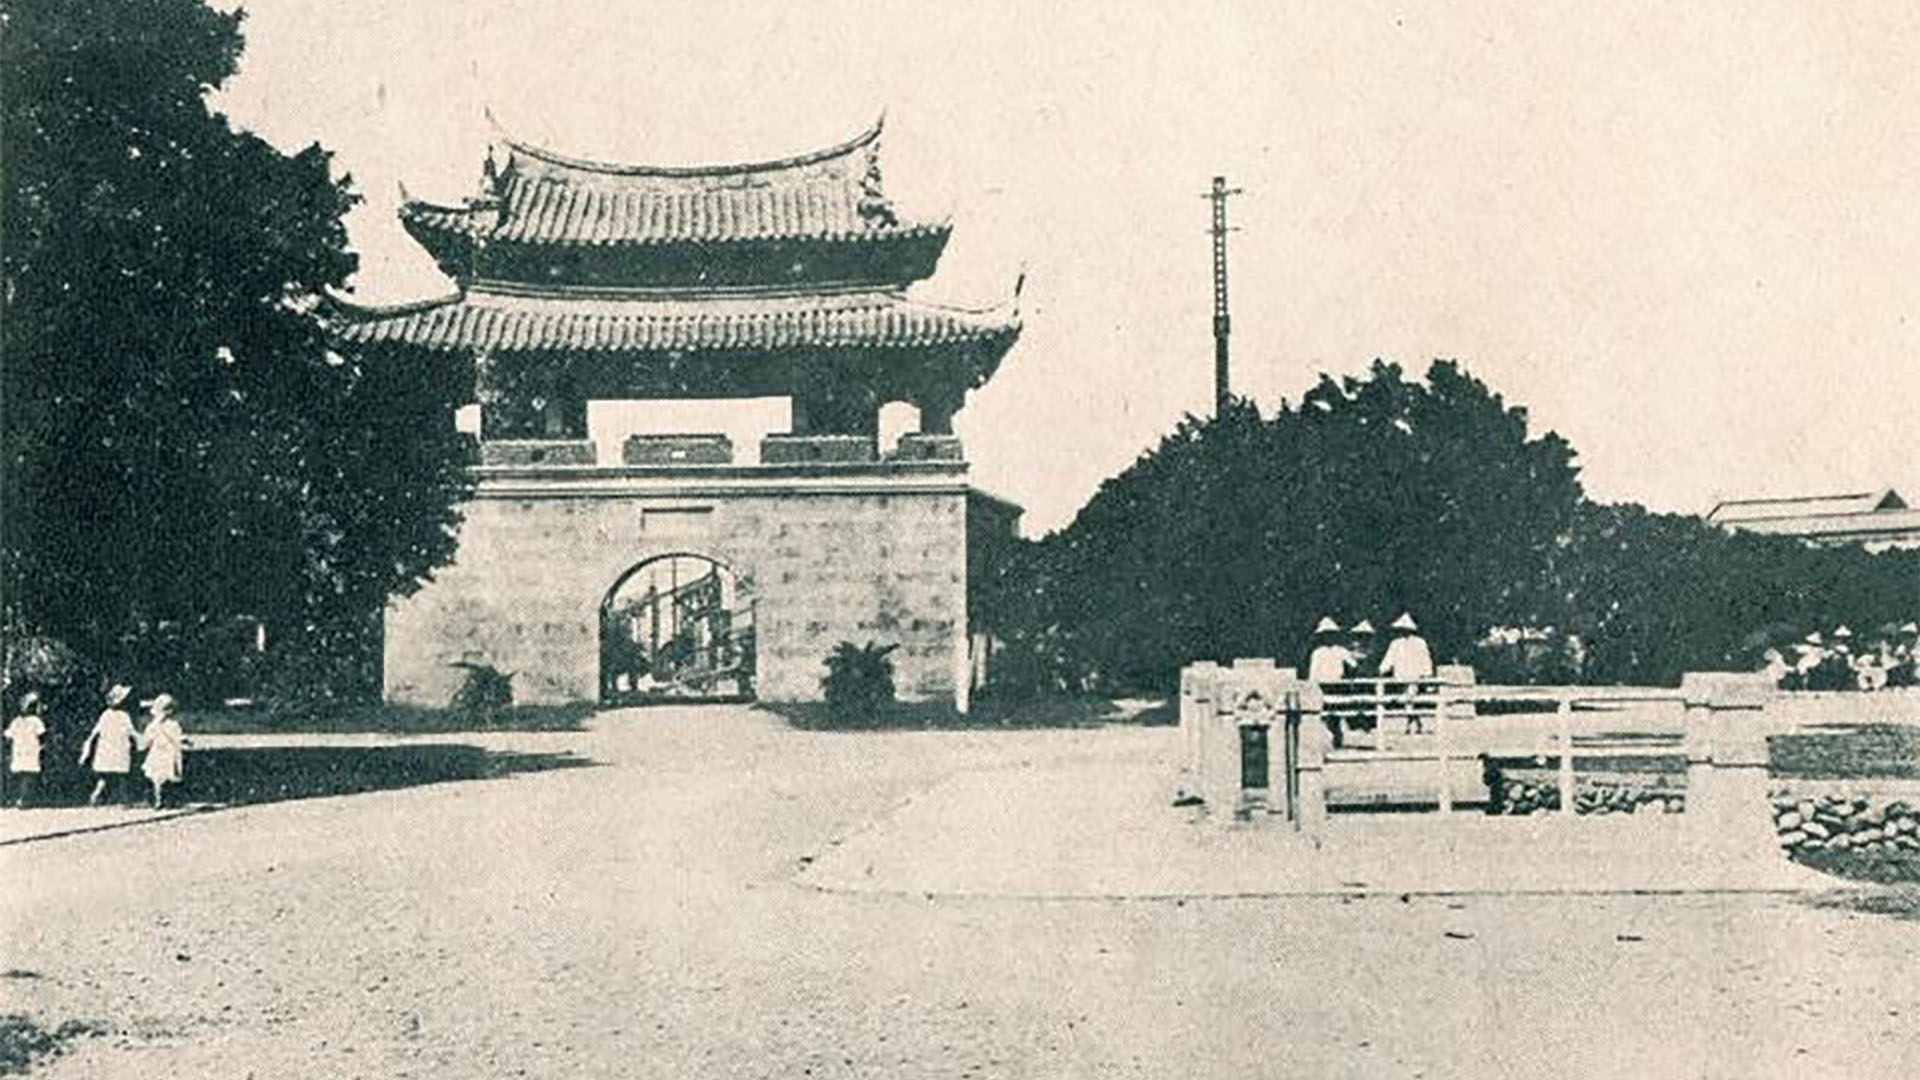 閱讀戰後新竹東門RC城樓重構的意義